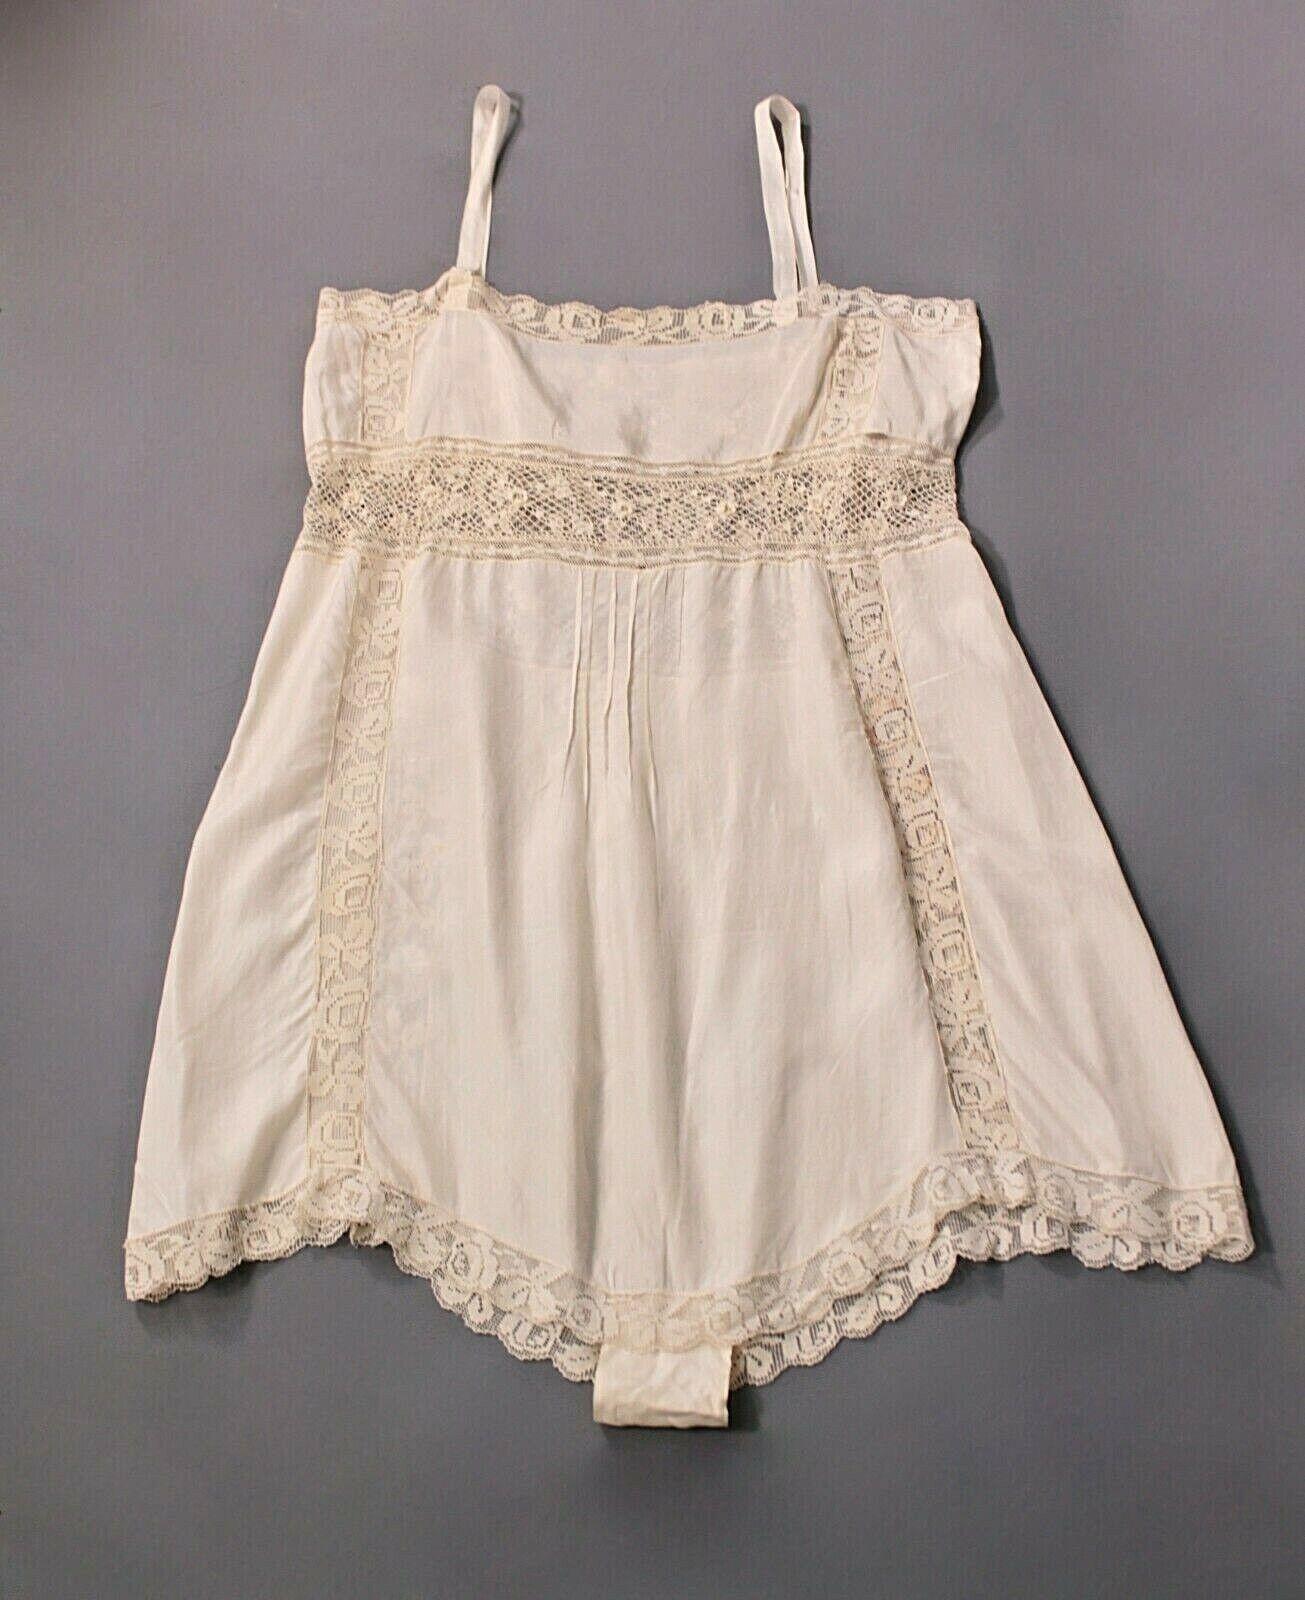 VTG Women's 20s 30s White Underwear / Slip w Lace… - image 1